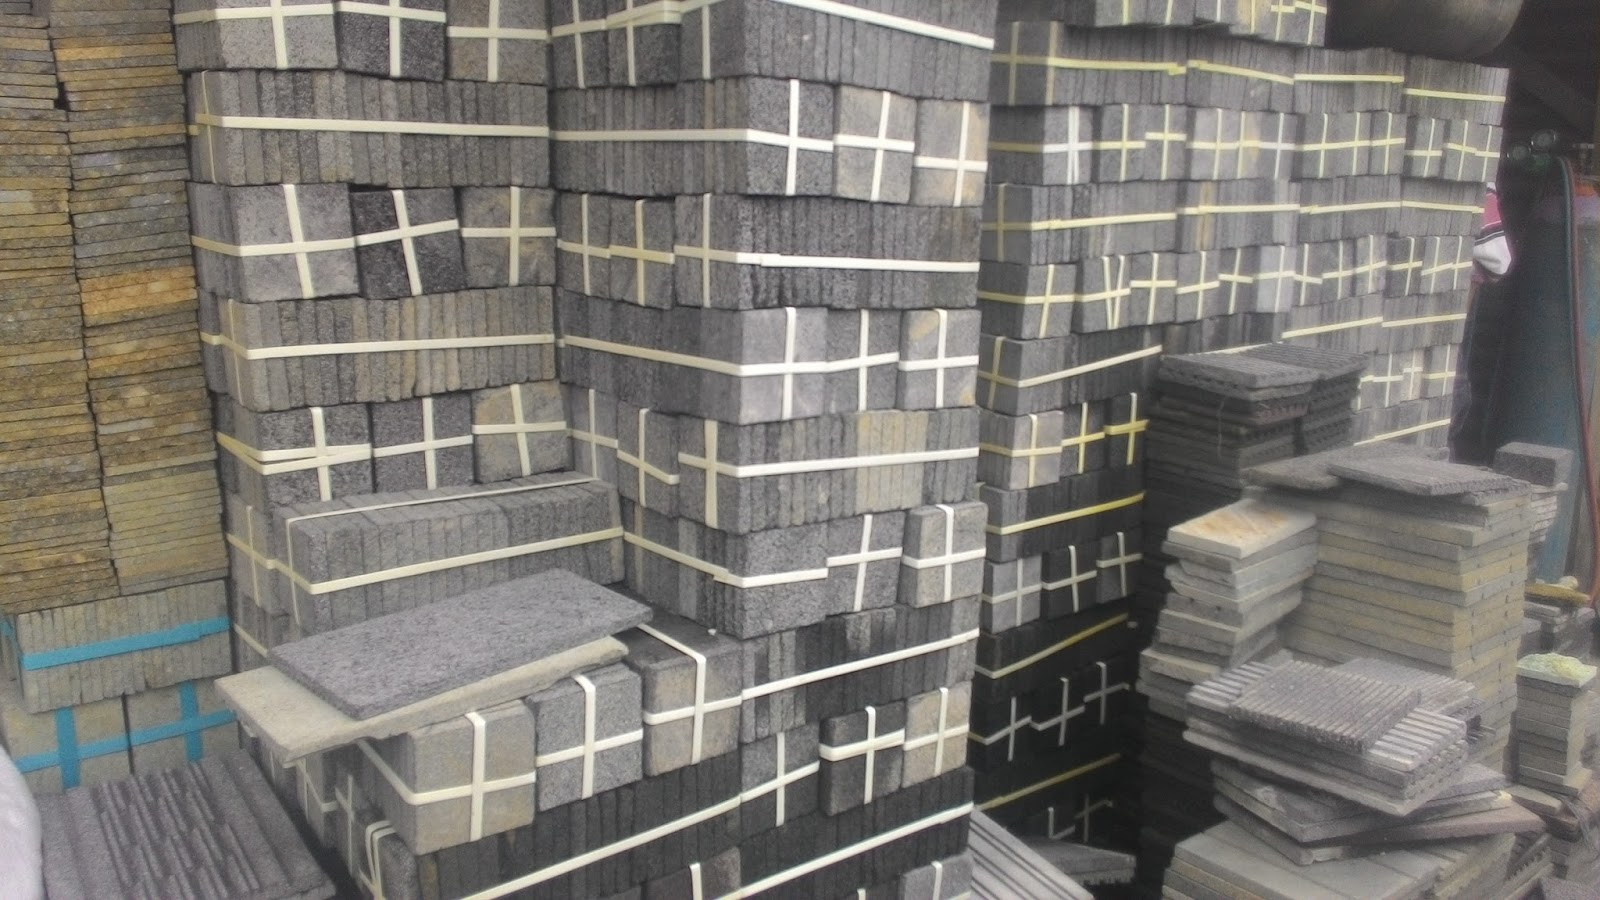 jual batu alam murah harga pabrik 0857 4703 2485 indosat